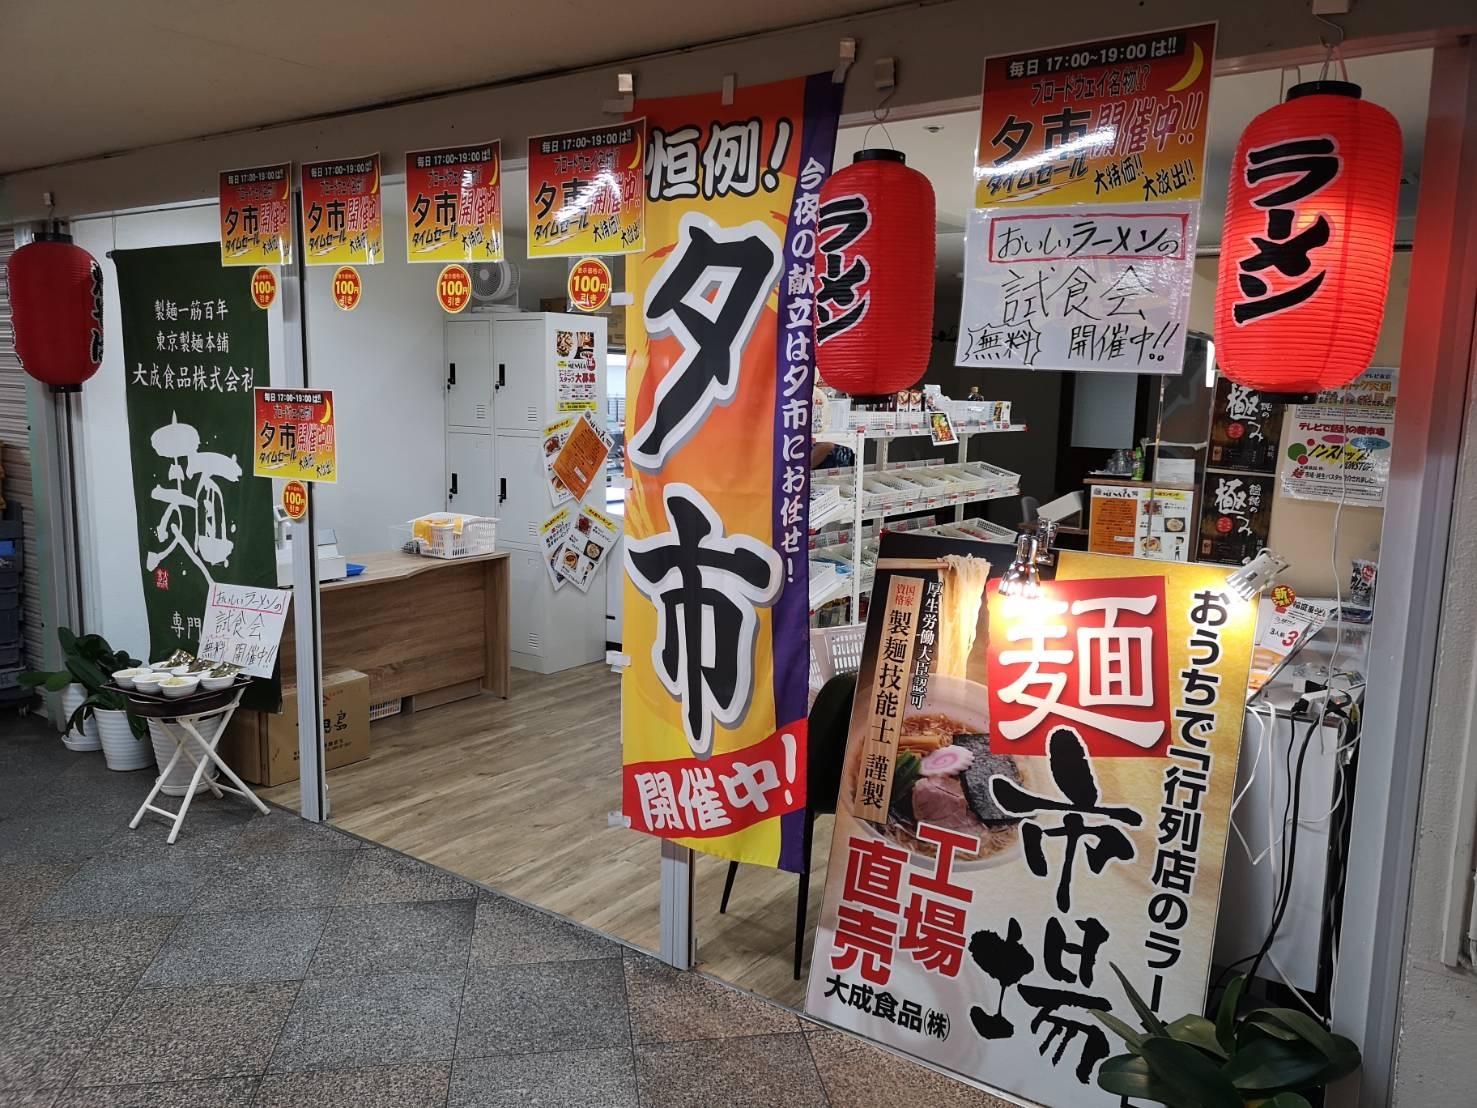 麺テイスティング・カフェショップ MENSTA夕市開催中